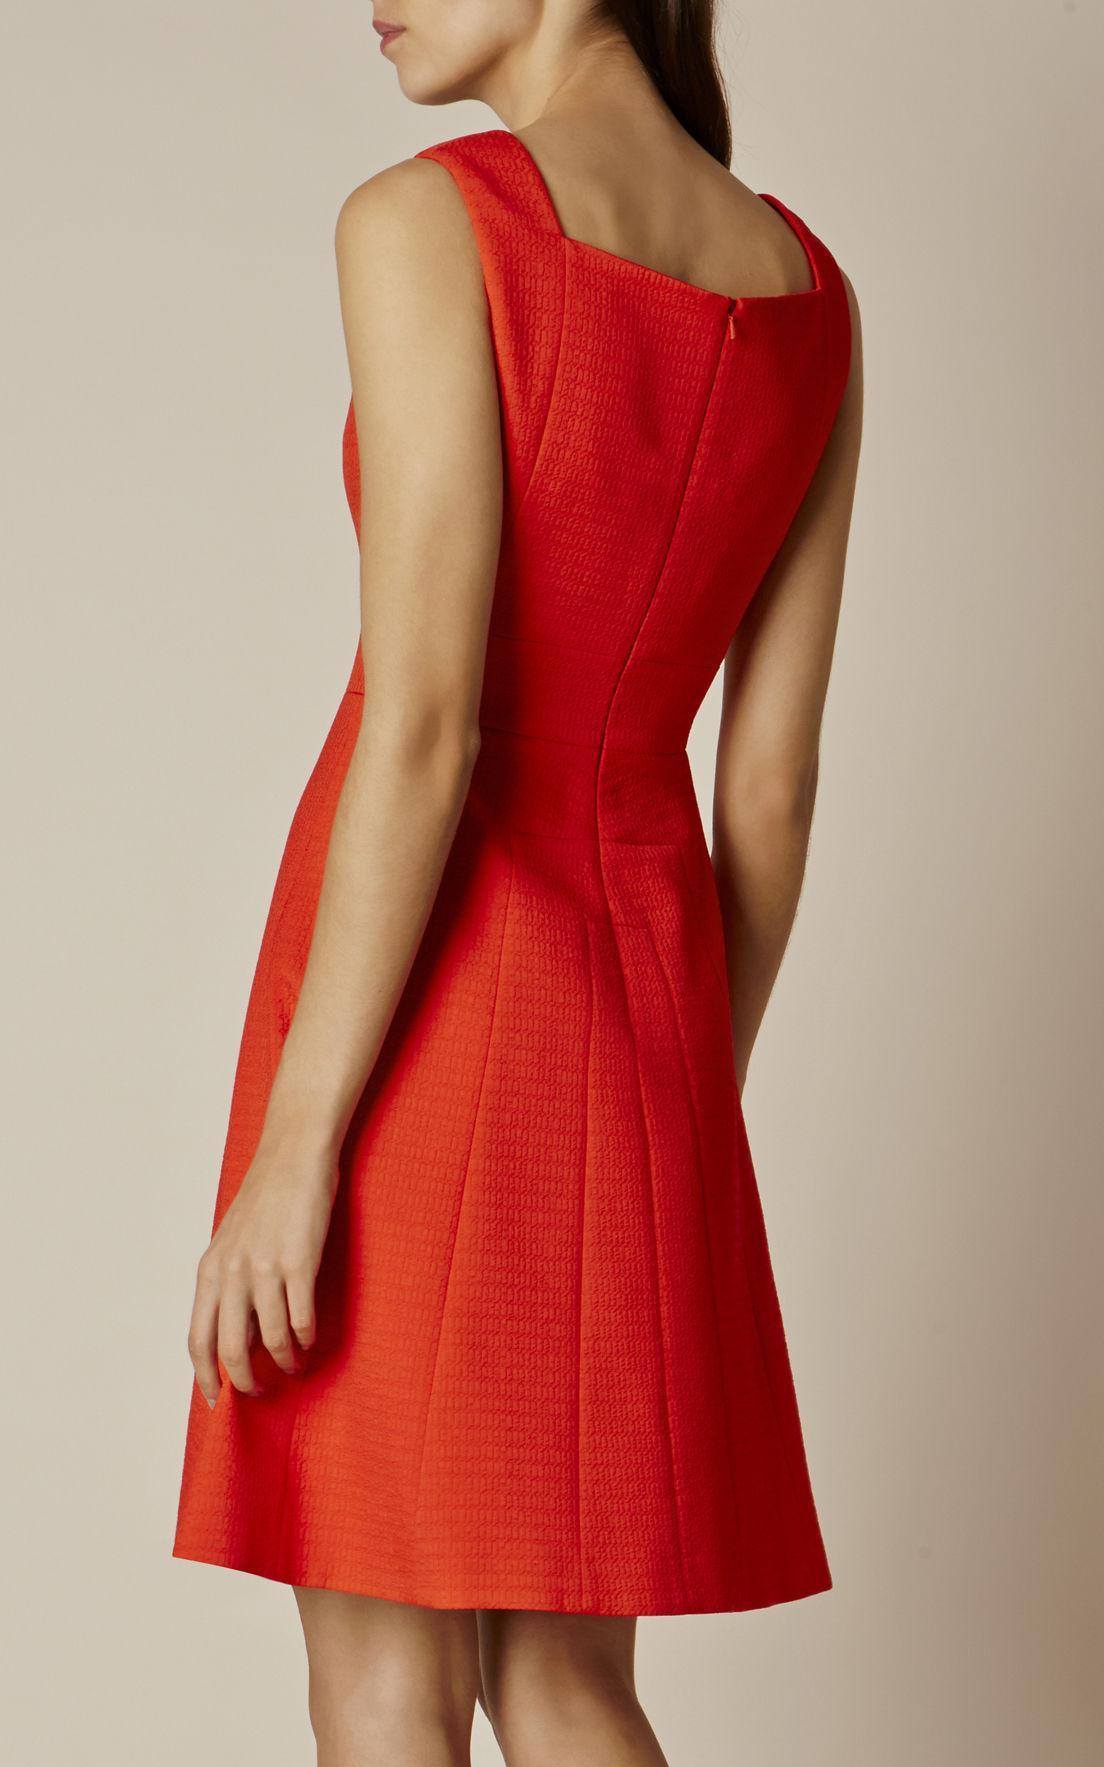 Lyst - Karen Millen Full-skirted Mini Dress